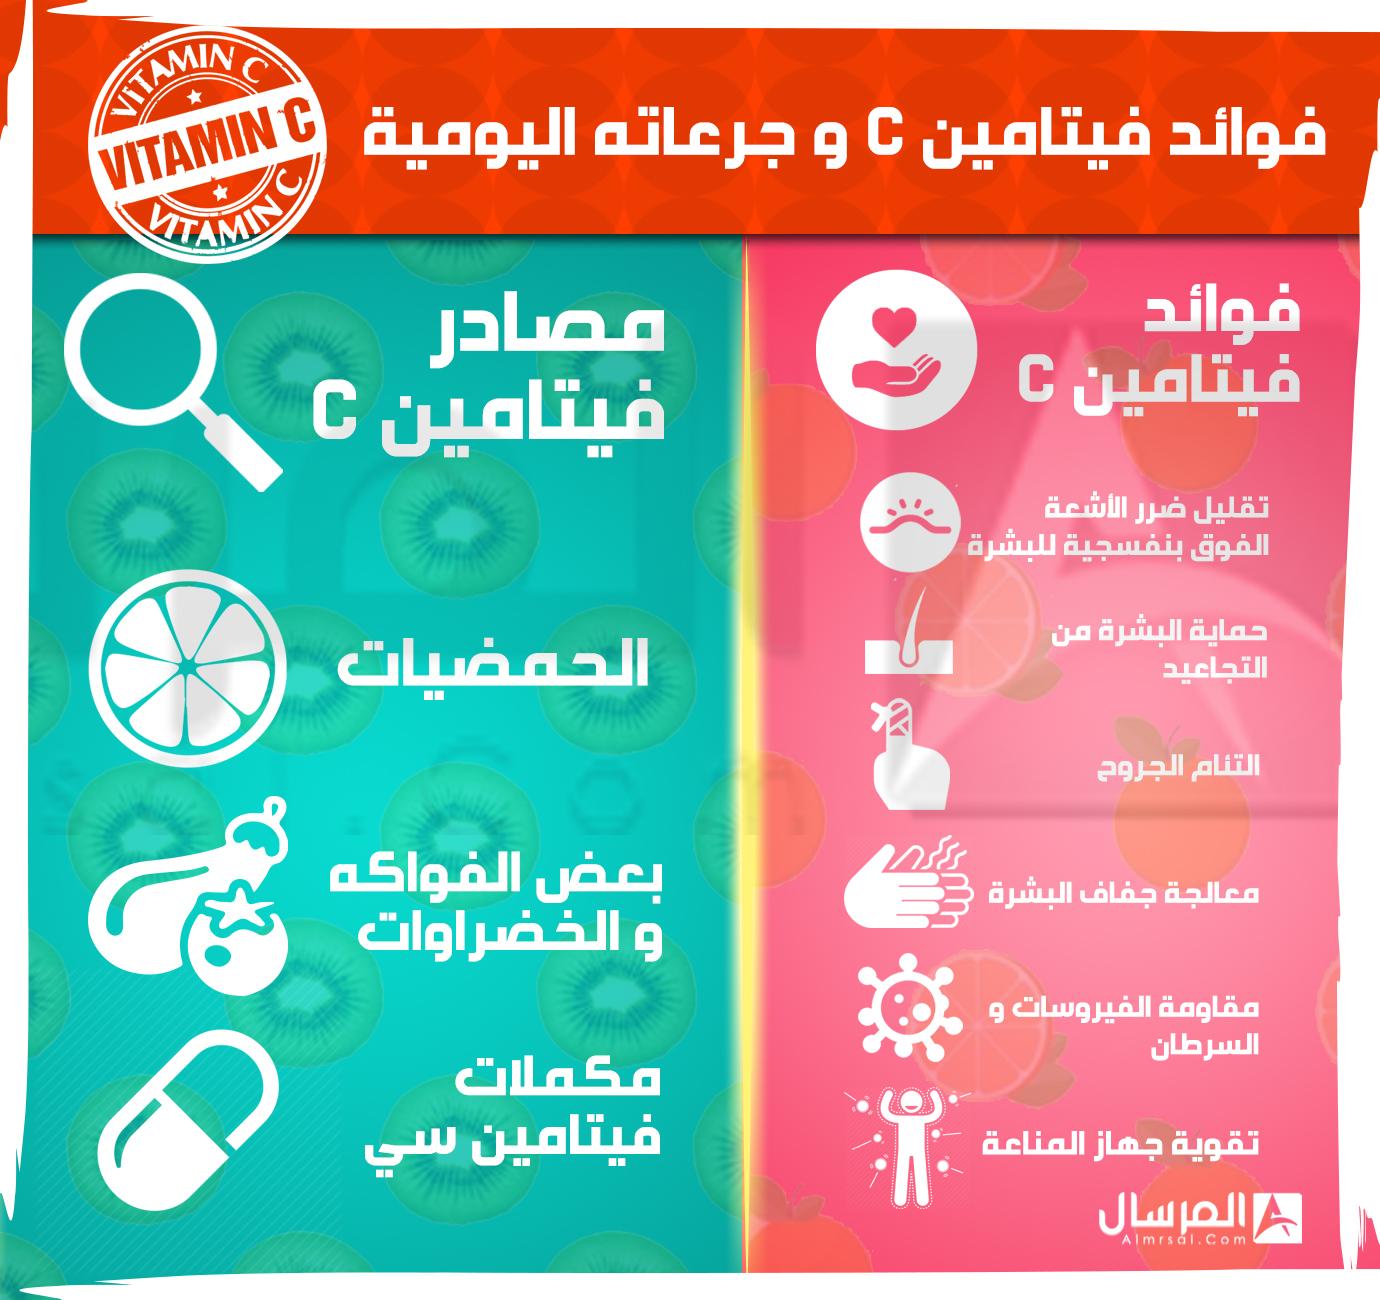 جرعات فيتامين سي اليومية المرسال